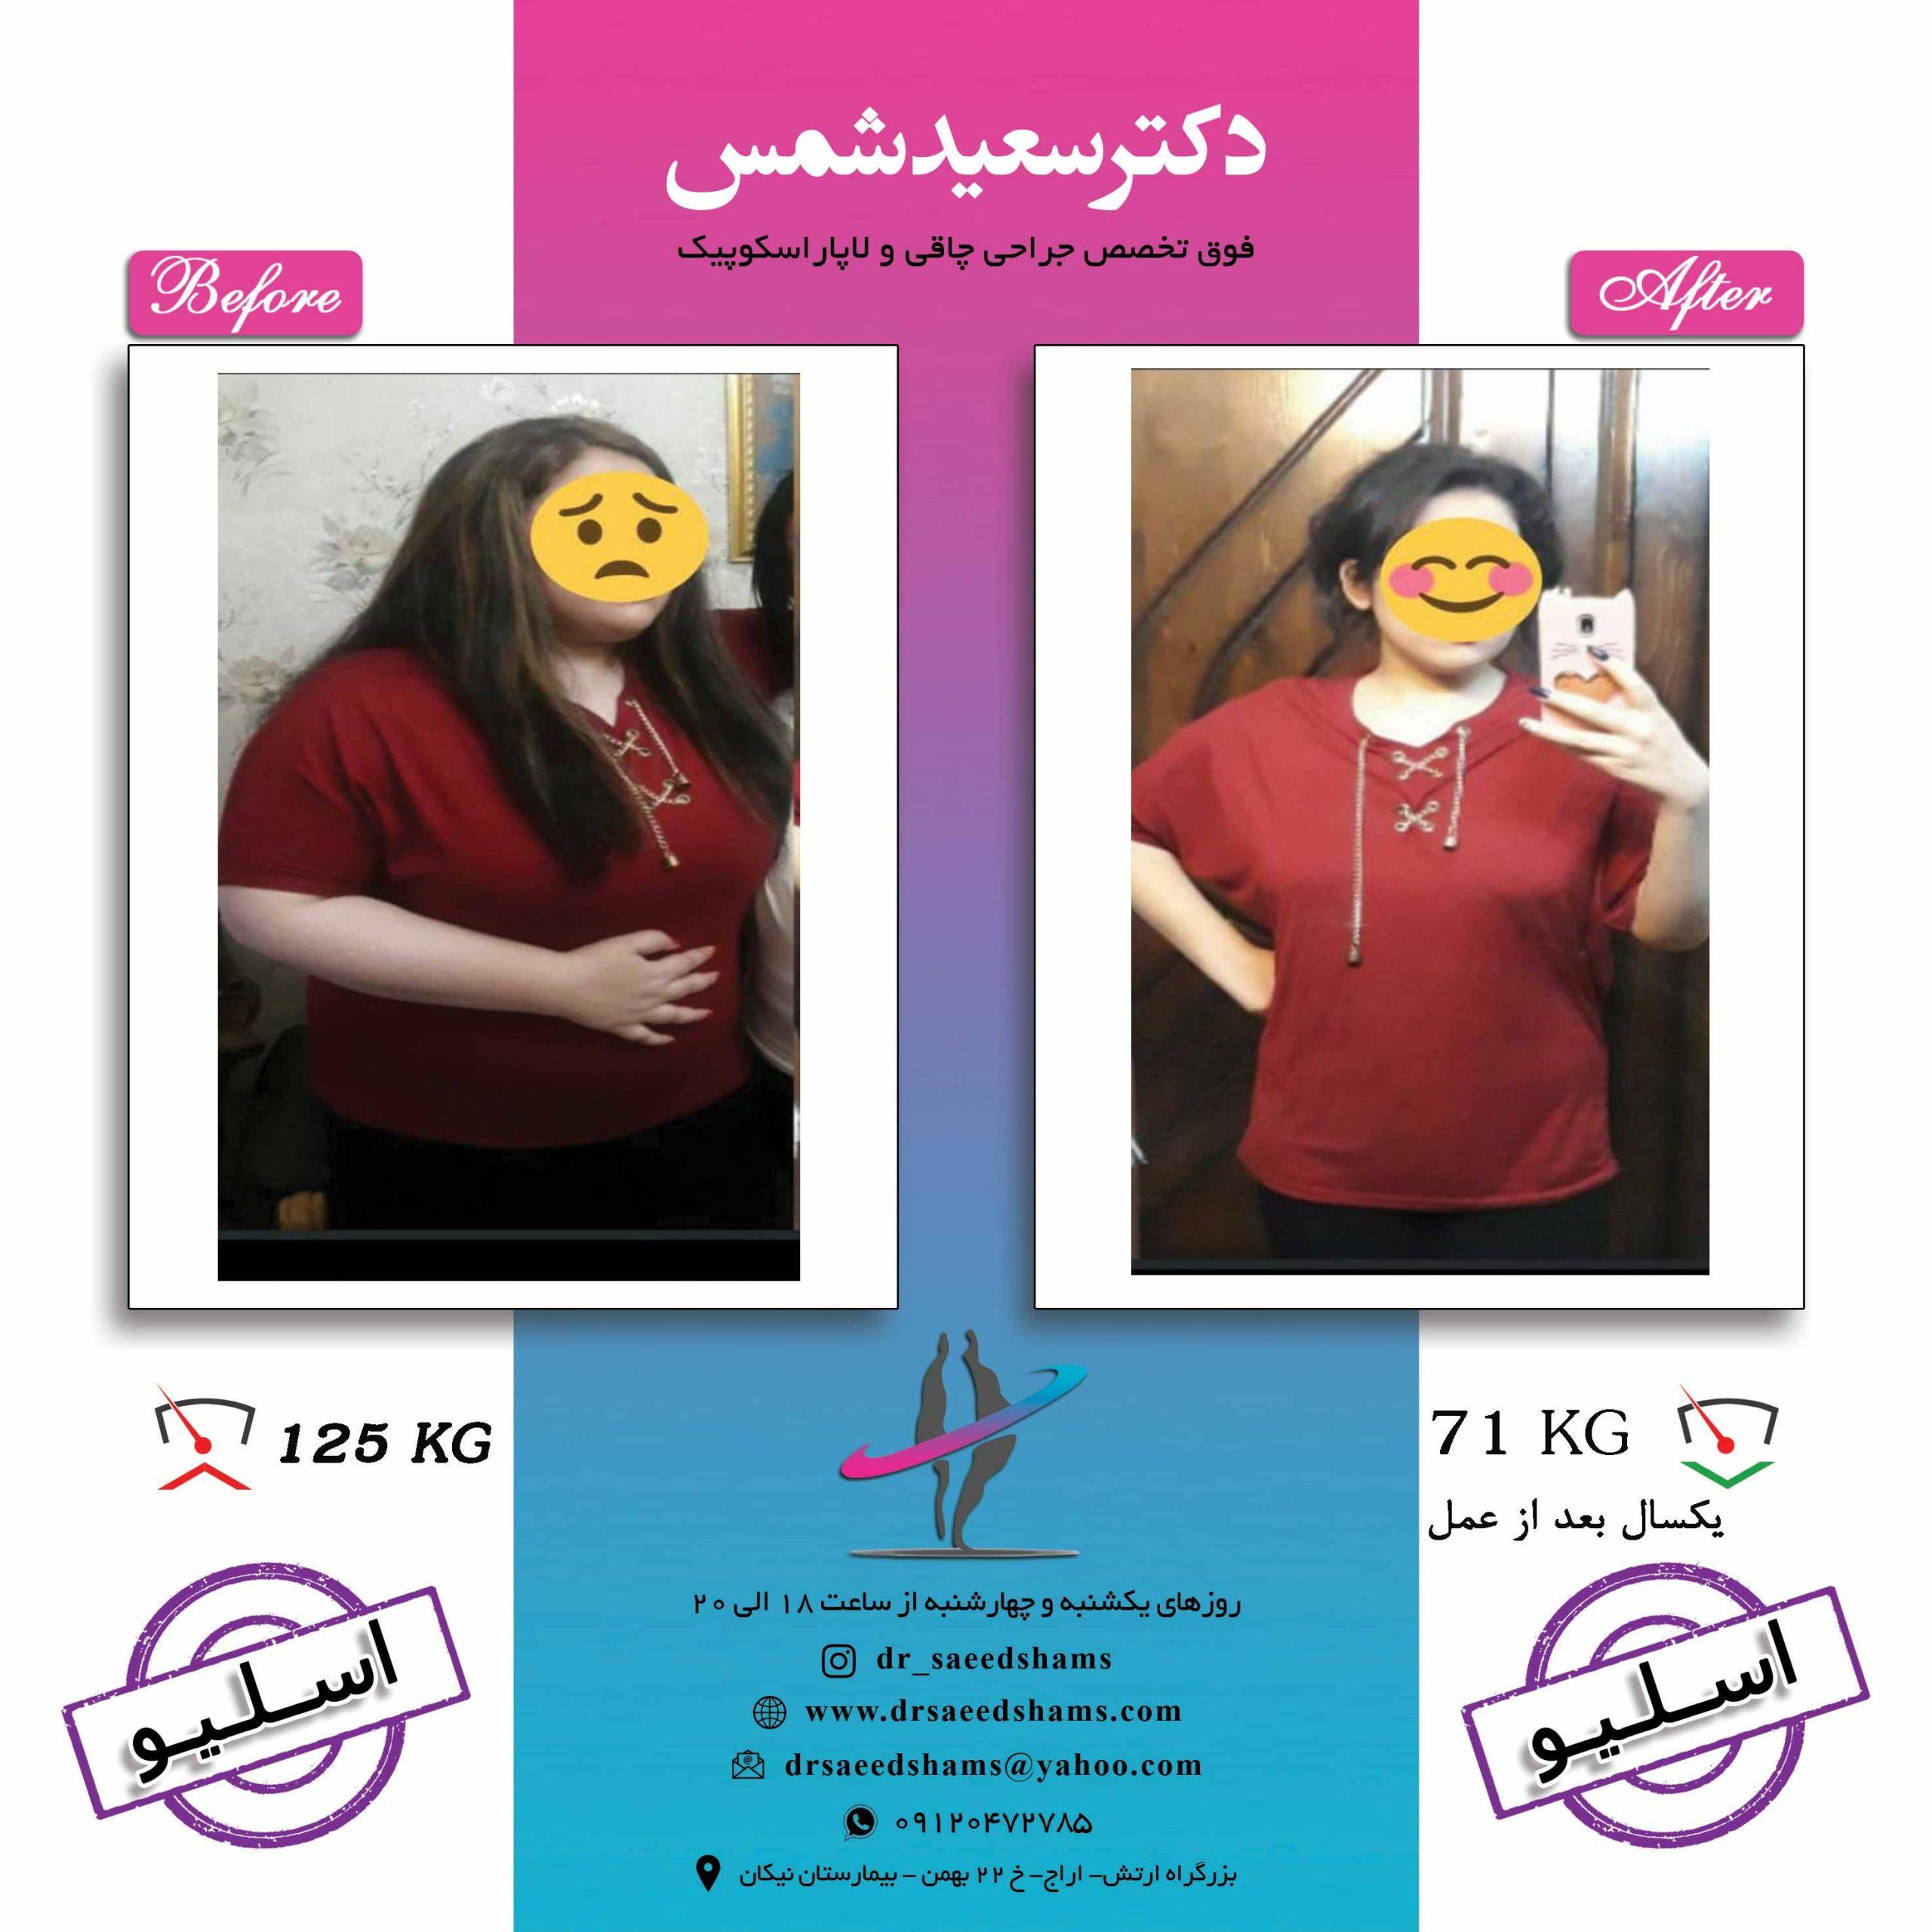 تصاویر قبل و بعد جراحی اسلیو معده